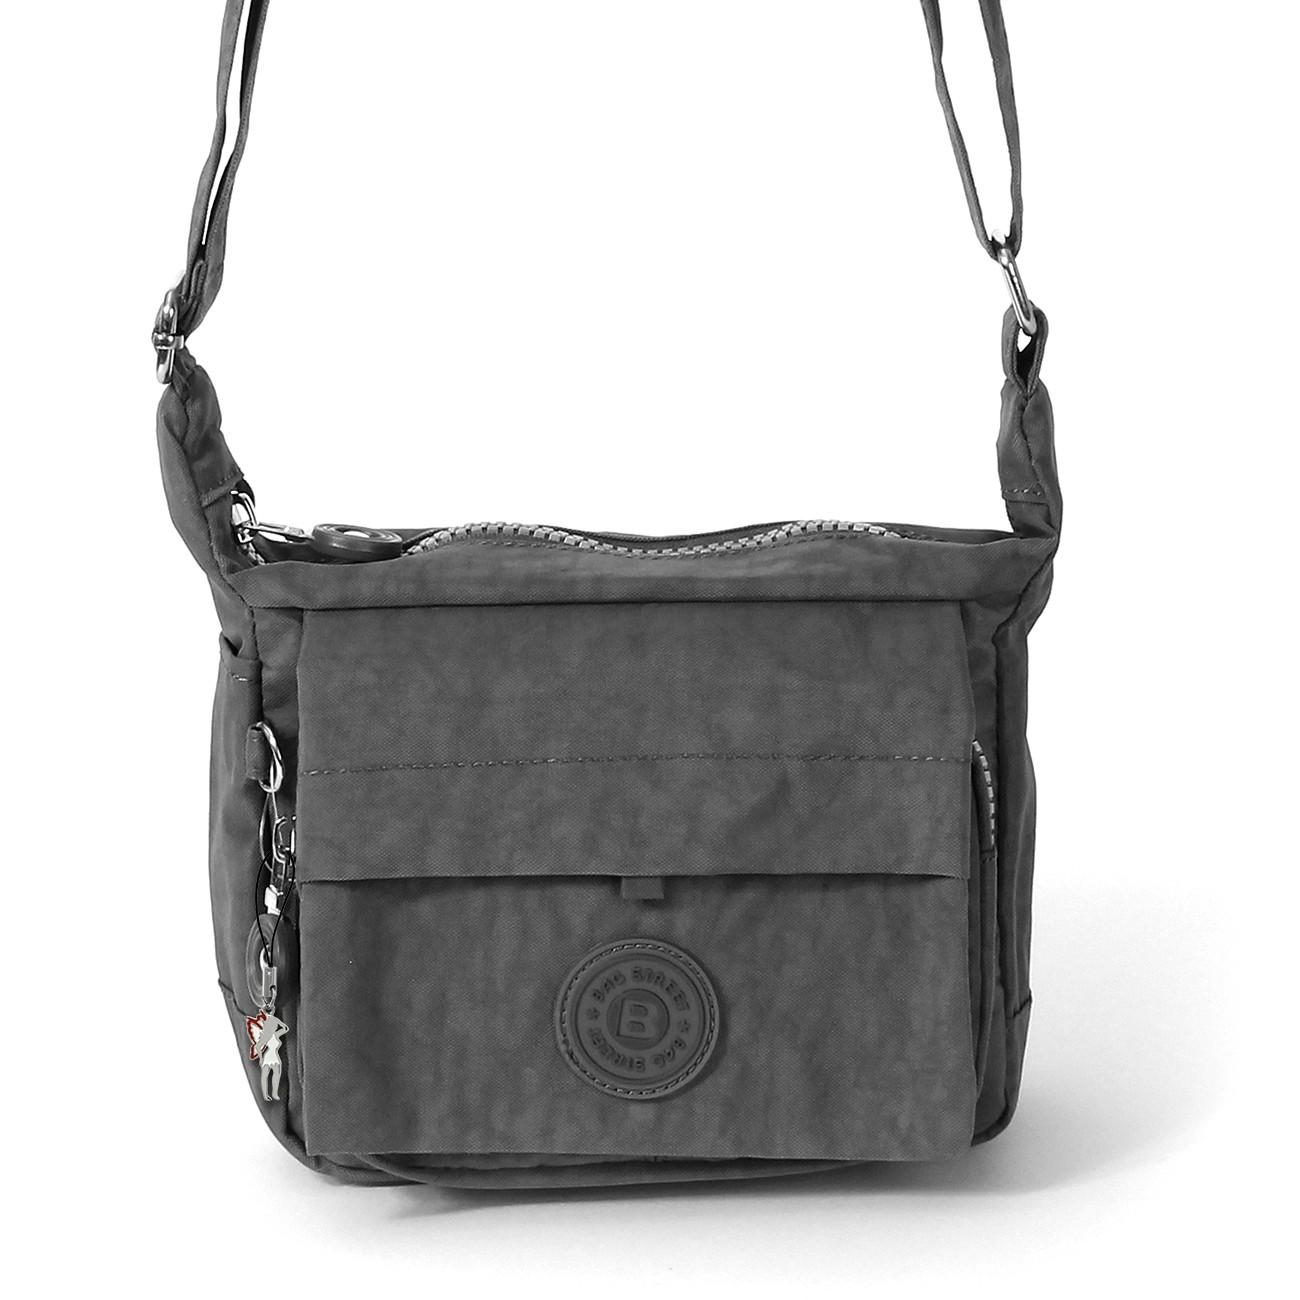 handtasche abendtasche nylon grau damen crossover tasche. Black Bedroom Furniture Sets. Home Design Ideas